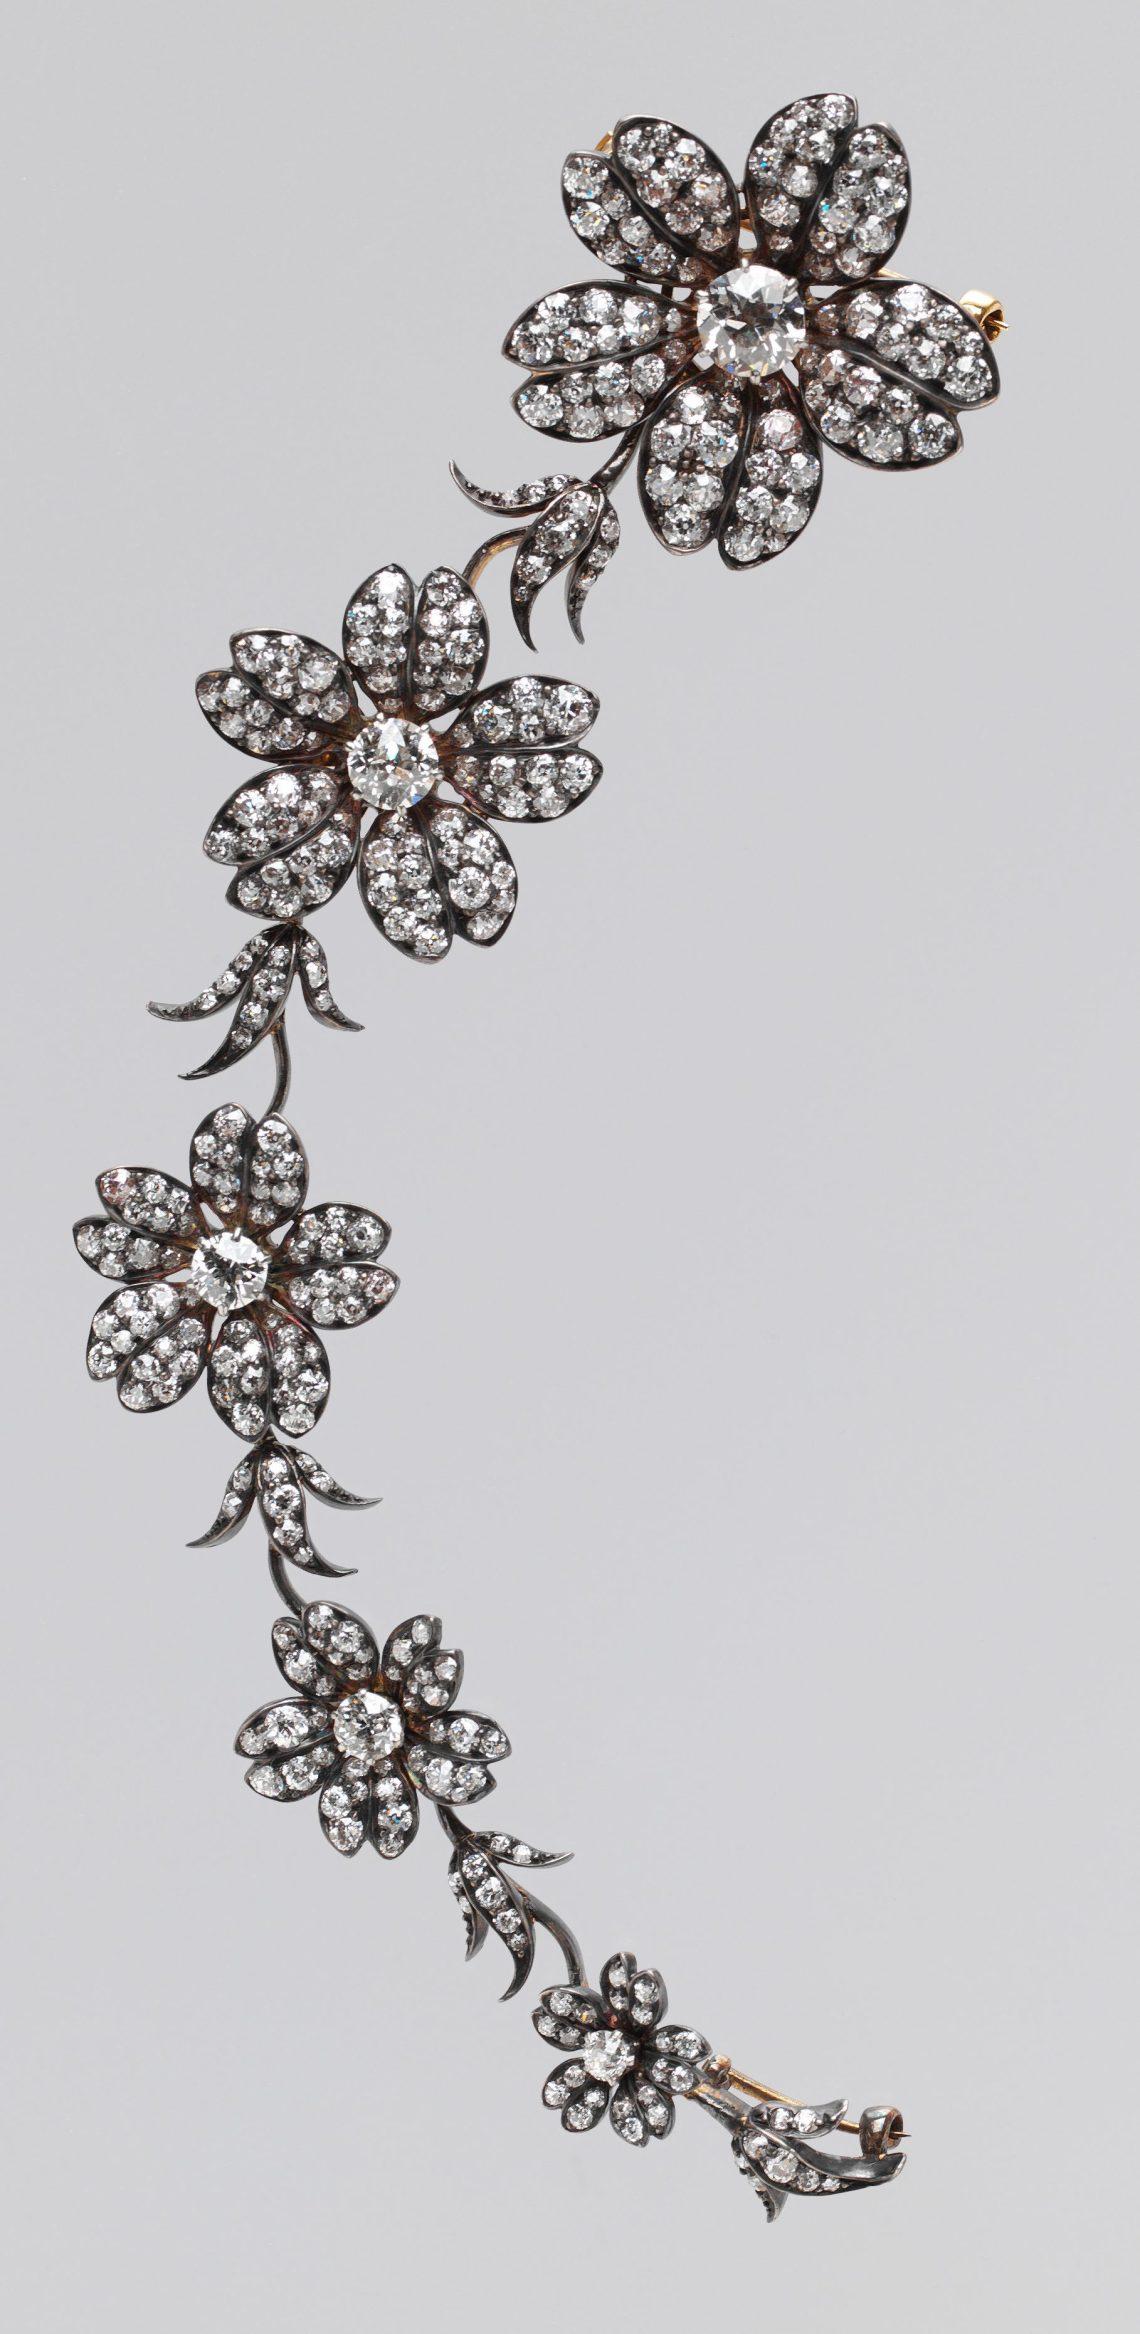 Tiffany & Co., broche, 1880-1895. Collectie Metropolitan Museum of Art, 41.84.20a-f. Foto met dank aan Metropolitan Museum of Art©